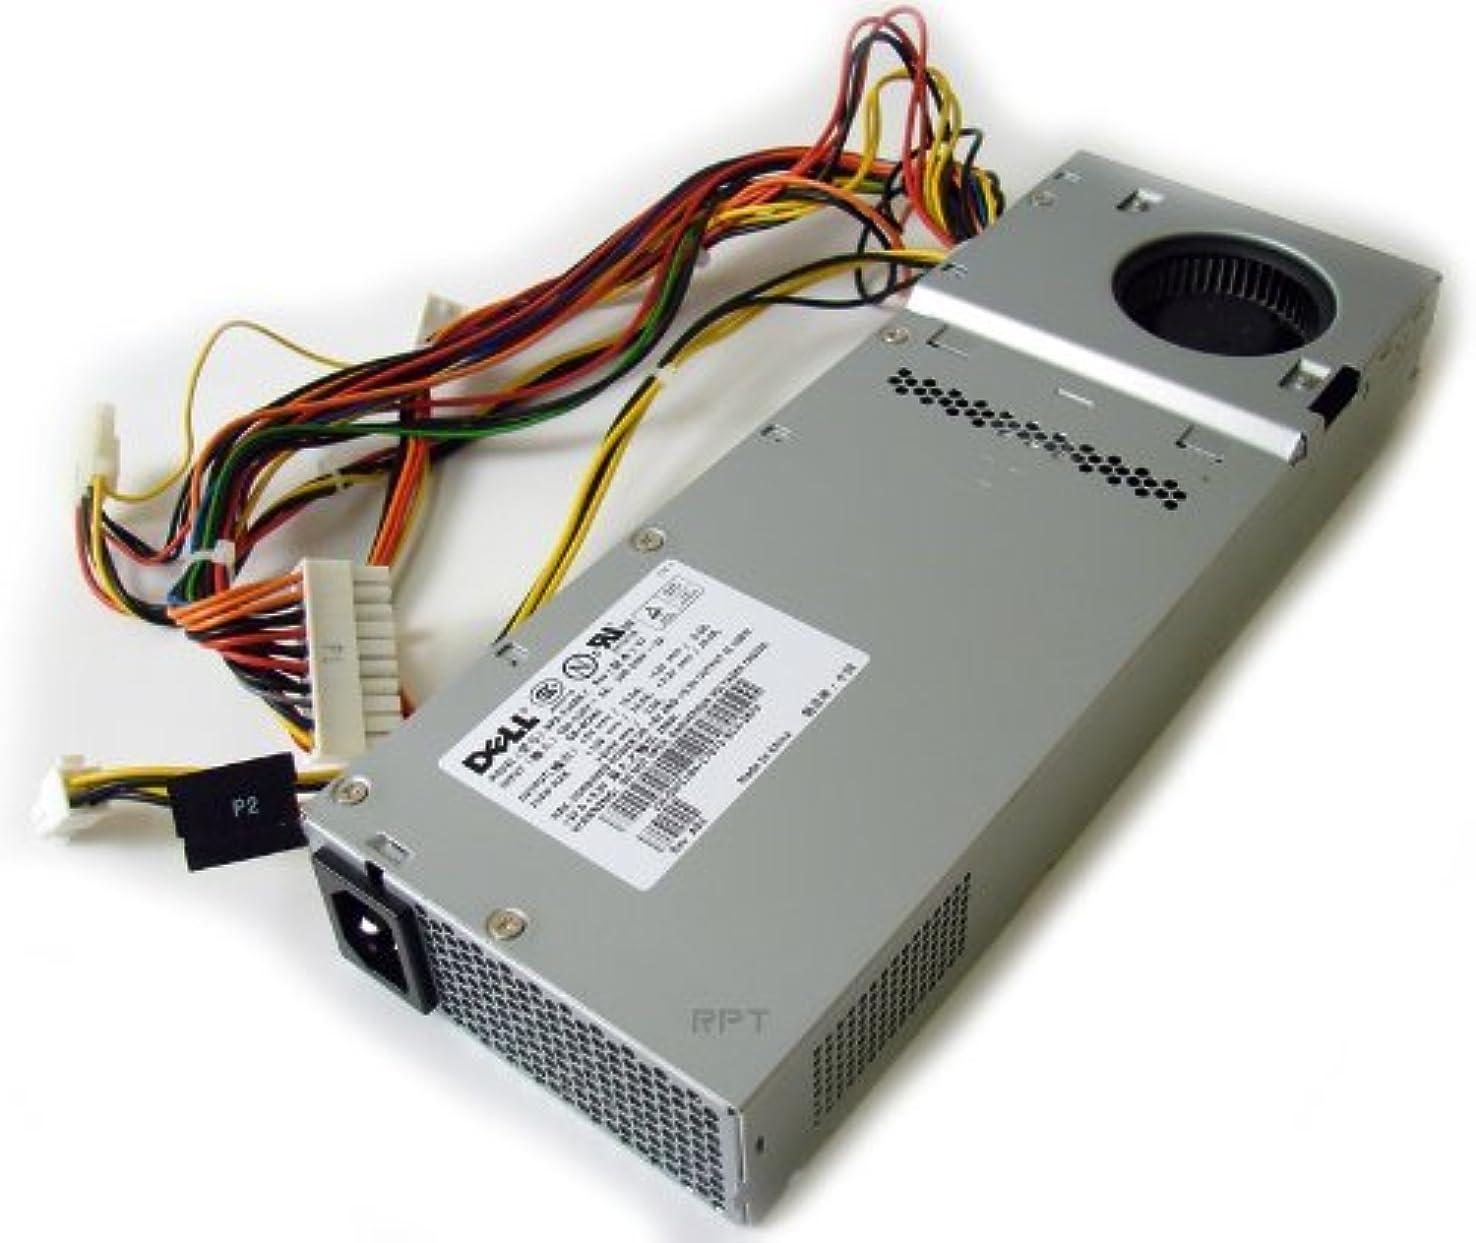 追い出す時制サーカスGENUINE DELL 210Watt Power Supply for OptiPlex GX280 Small Desktop (SD) Systems, Compatible Part Numbers: U5425, W5184 Model numbers: HP-U2106F3 [並行輸入品]